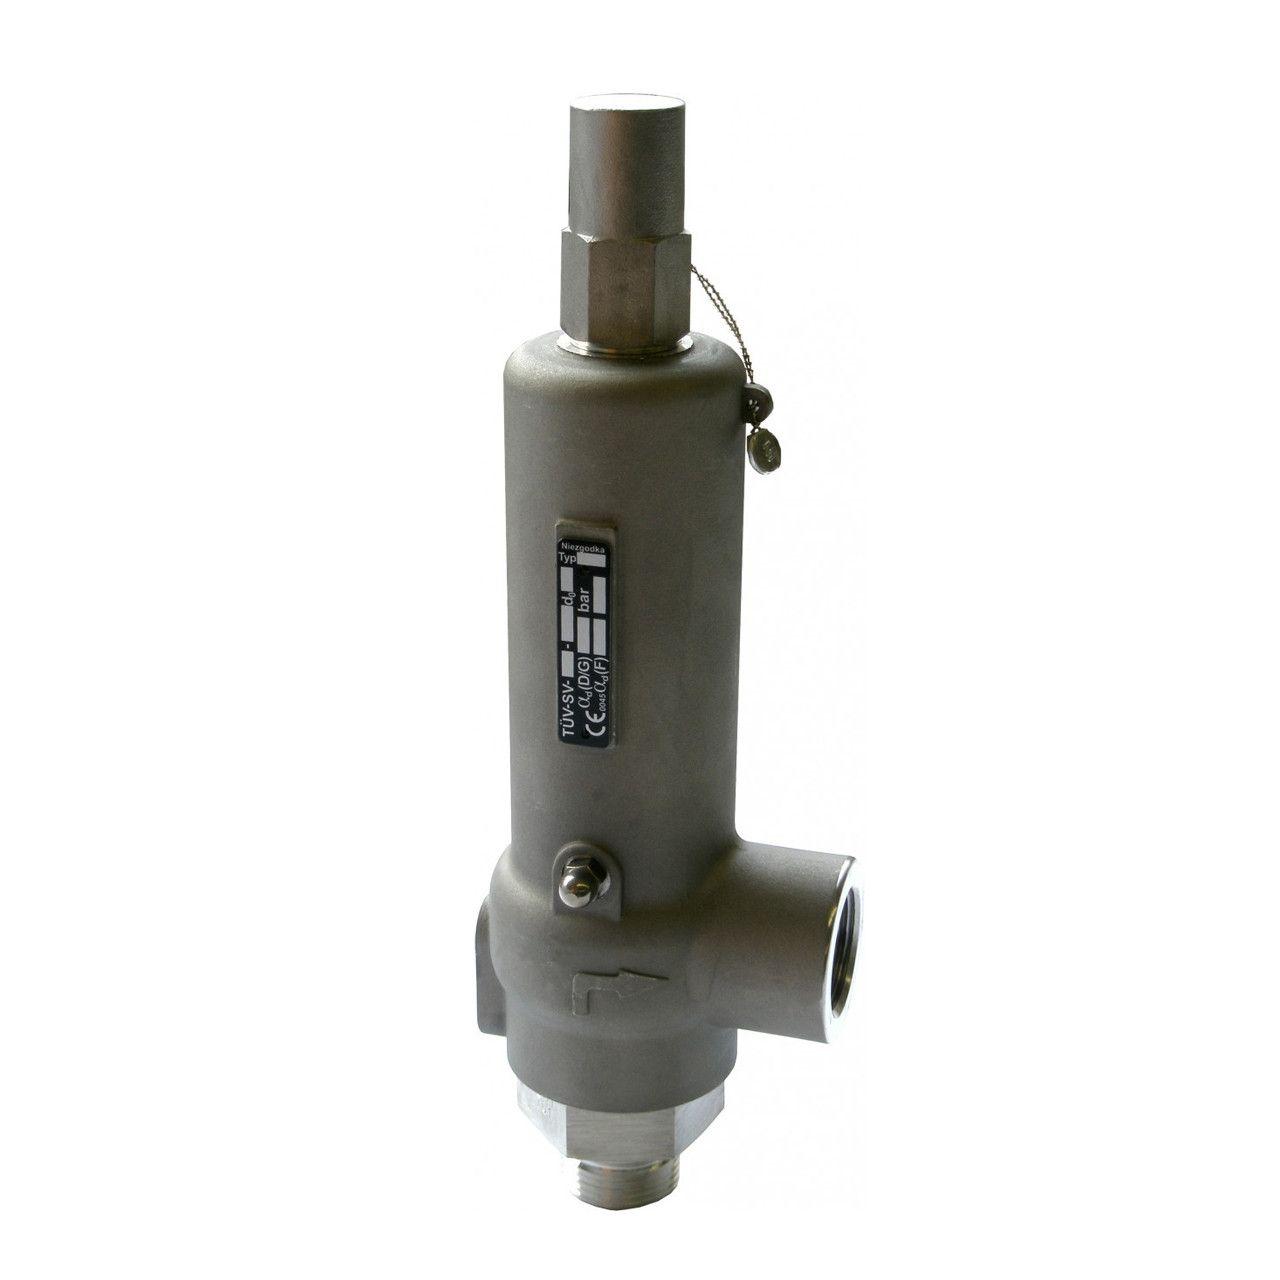 Niezgodka type 21 safety valve safety valve relief